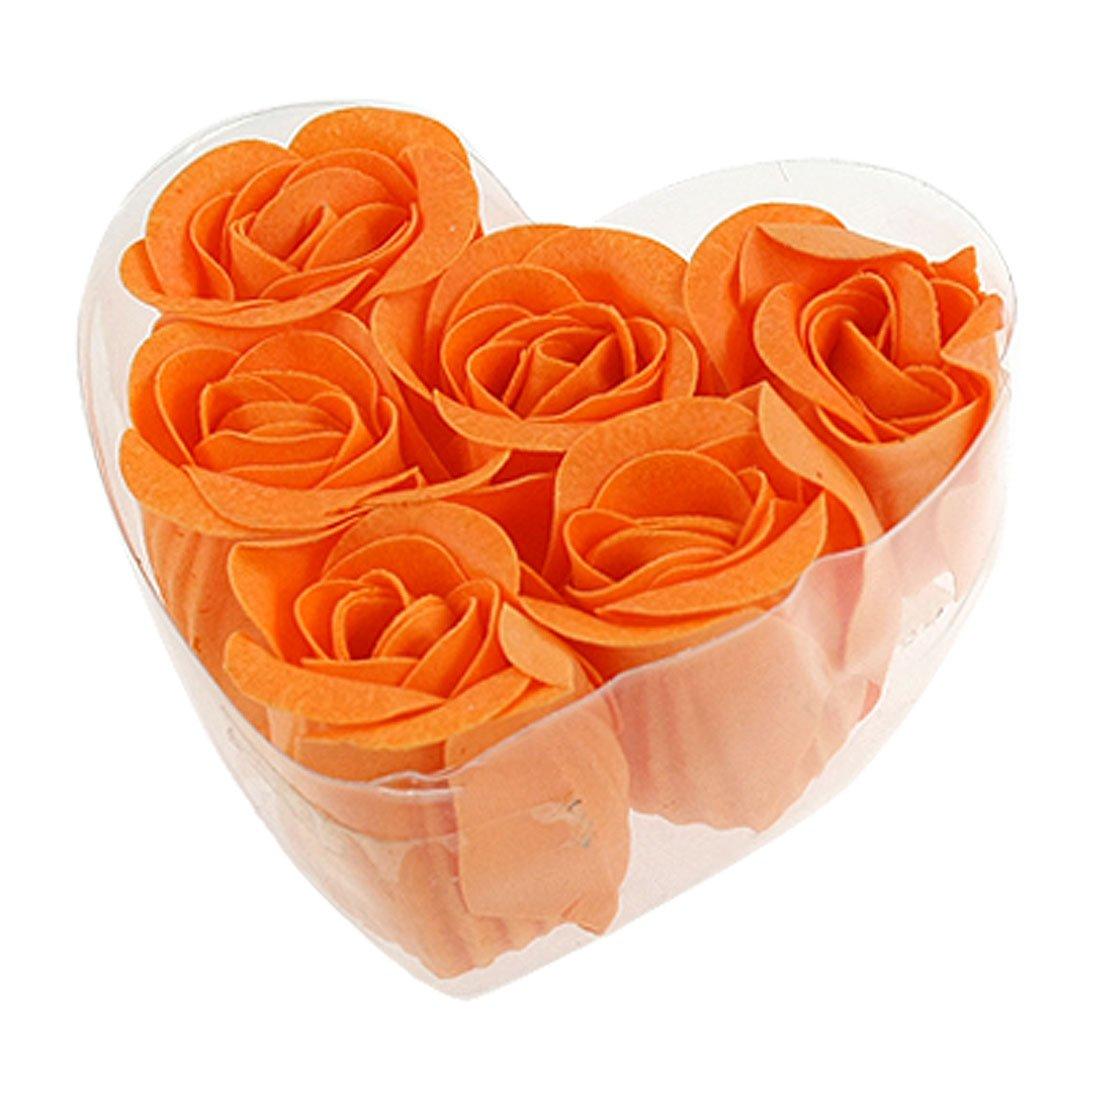 6 pi ces p tales de savon roses fleurs parfum bain savon p tales orange bo te en forme de c ur. Black Bedroom Furniture Sets. Home Design Ideas